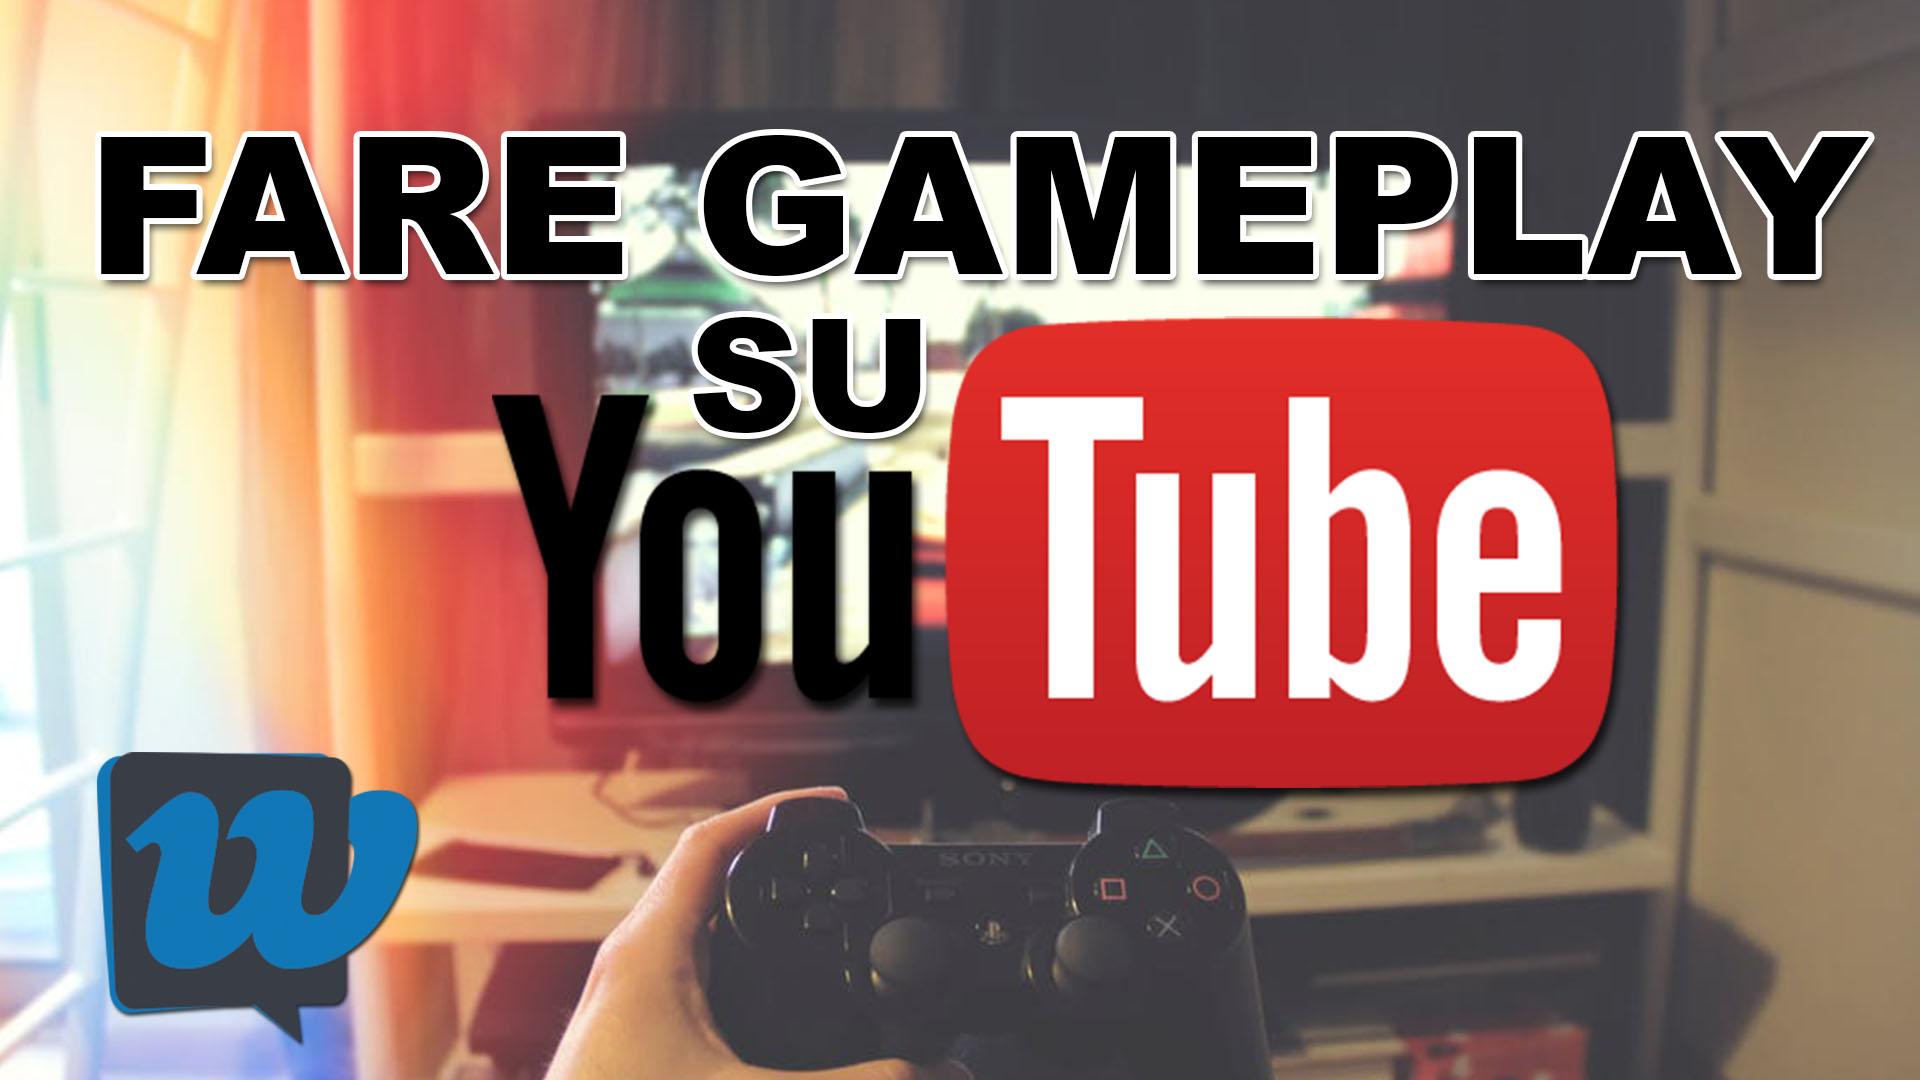 Come collegare Youtube alla TV con la console di gioco.